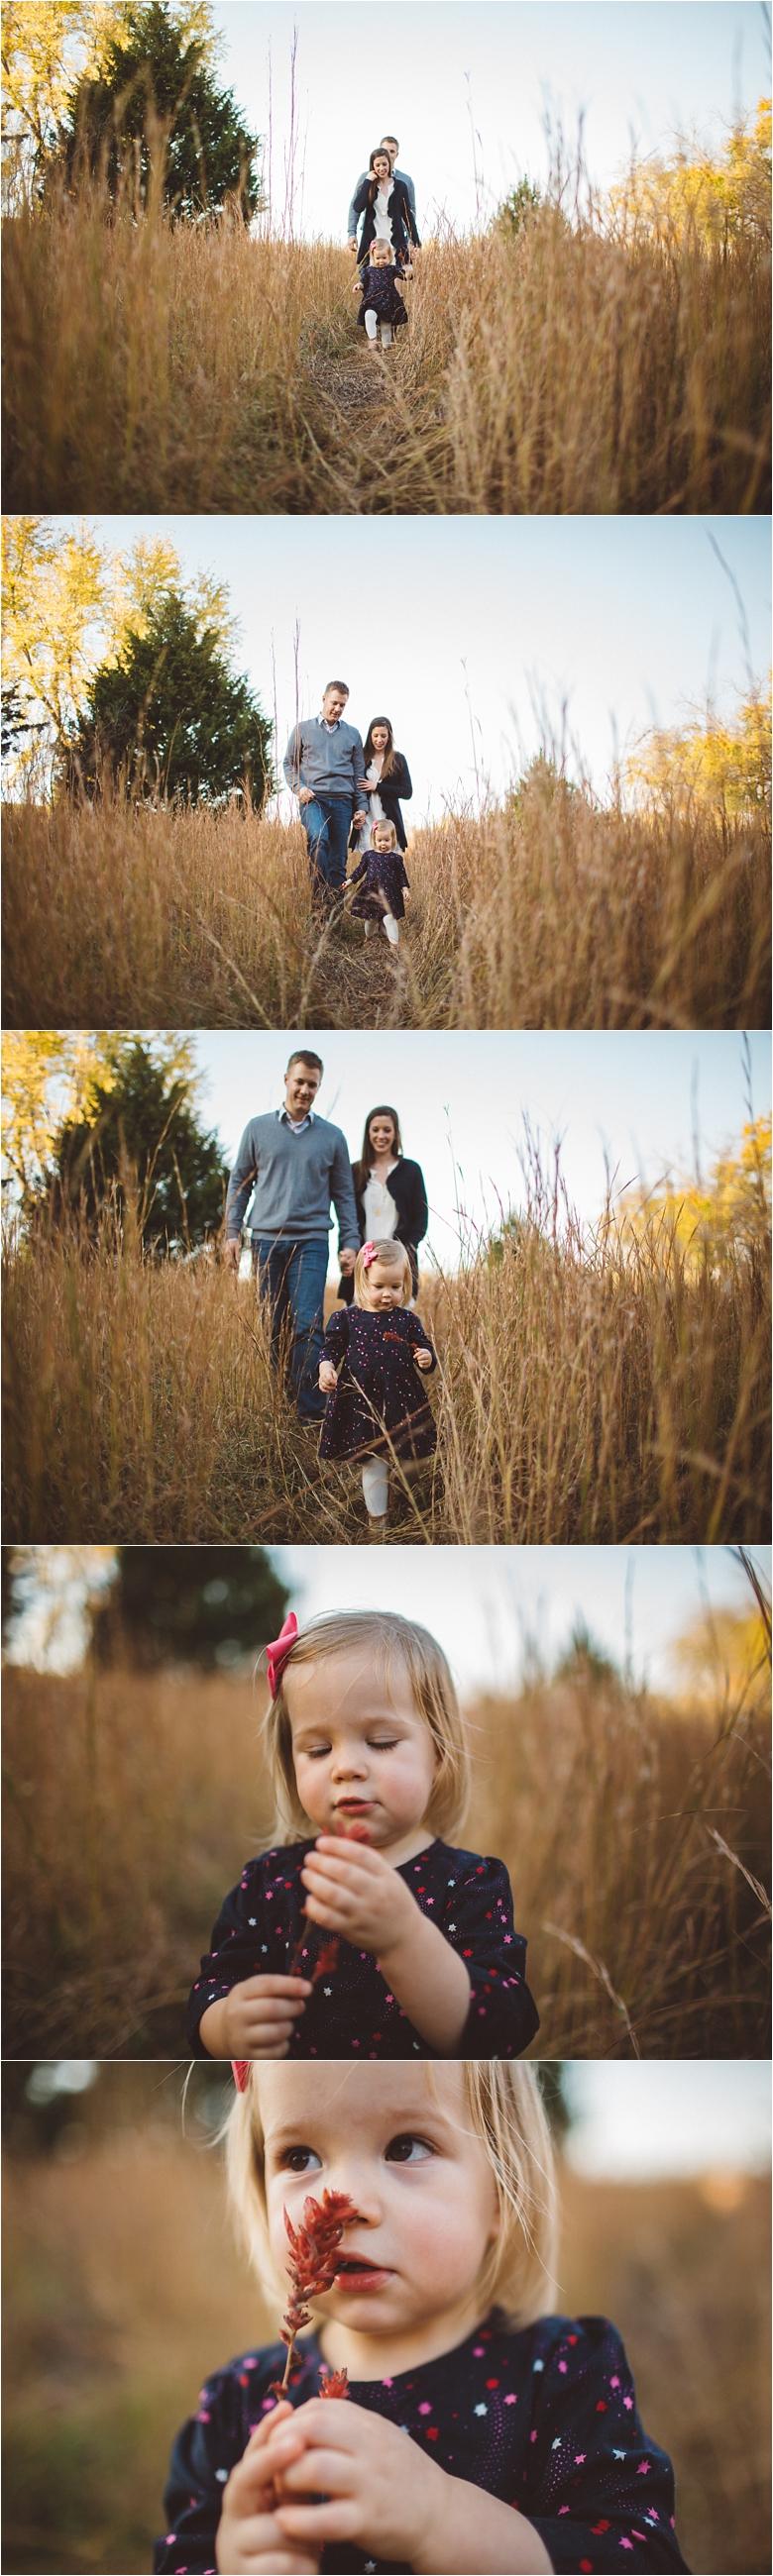 kansascitysbestfamilyphotographer_0015